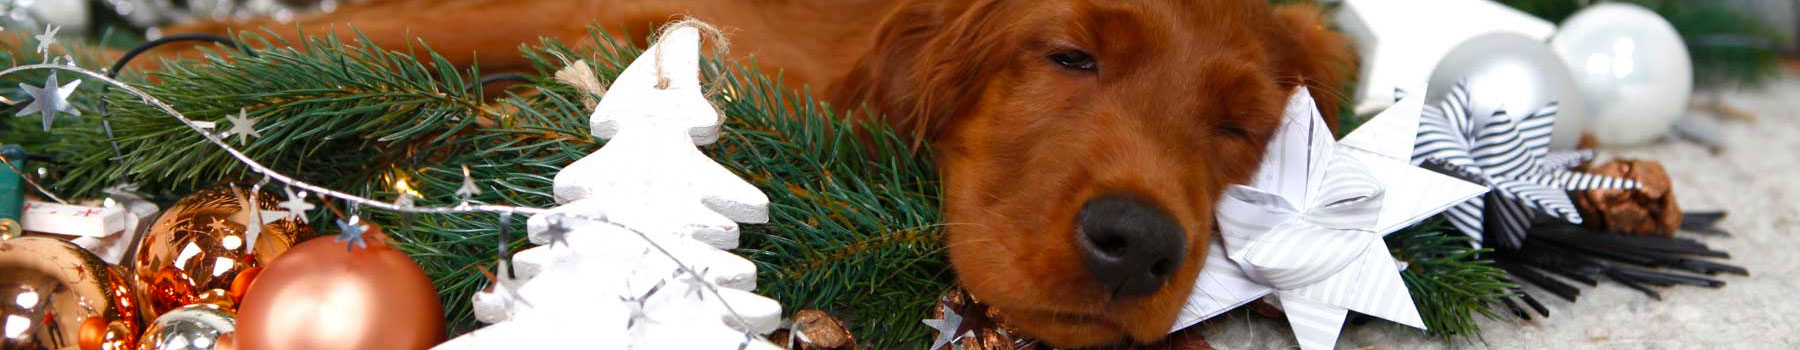 Weihnachten Weihnachtsmarkt und Weihnachtsgeschenke für Hunde